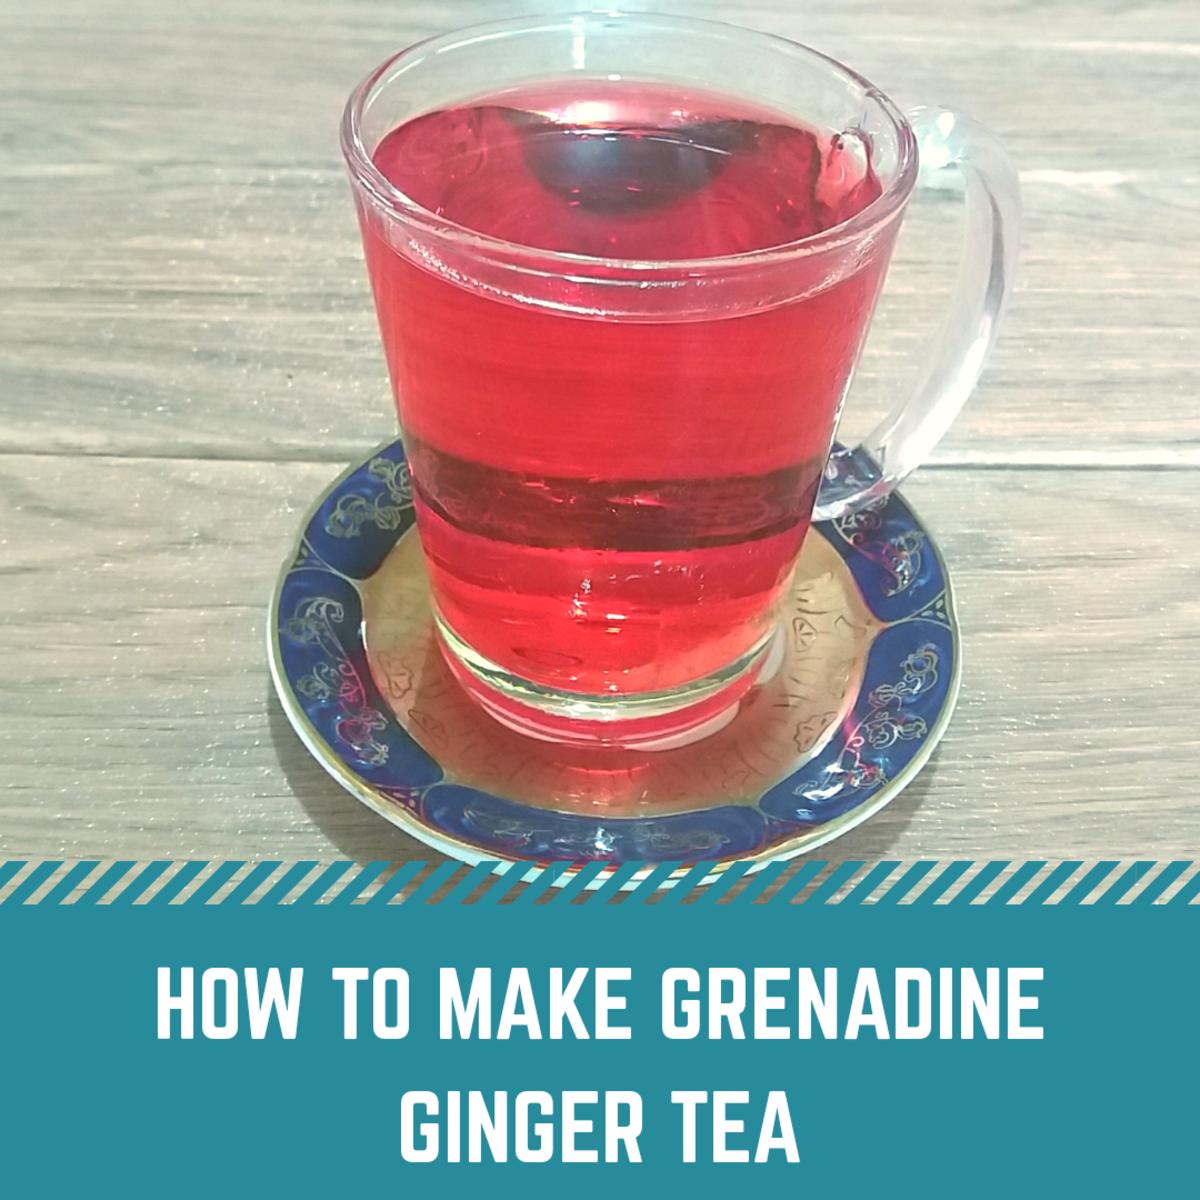 How to Make Grenadine Ginger Tea